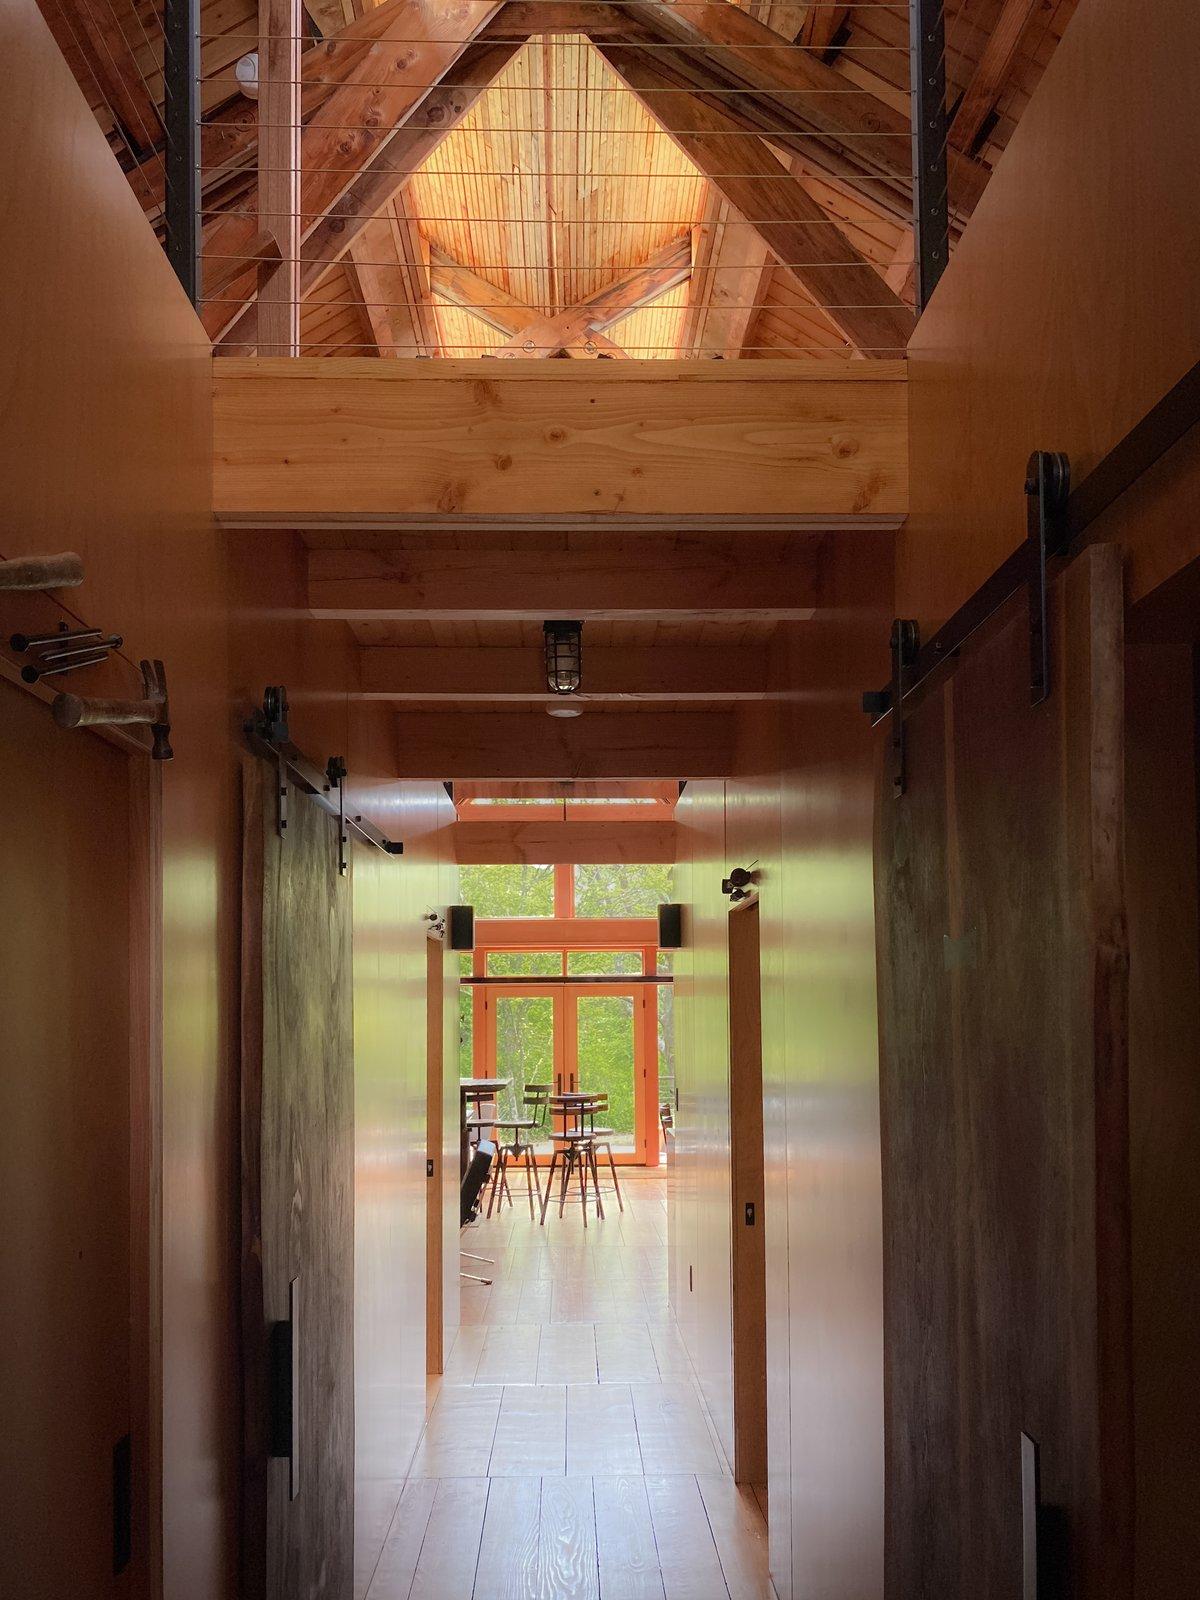 The Shop by Erin Pellegrino hallway